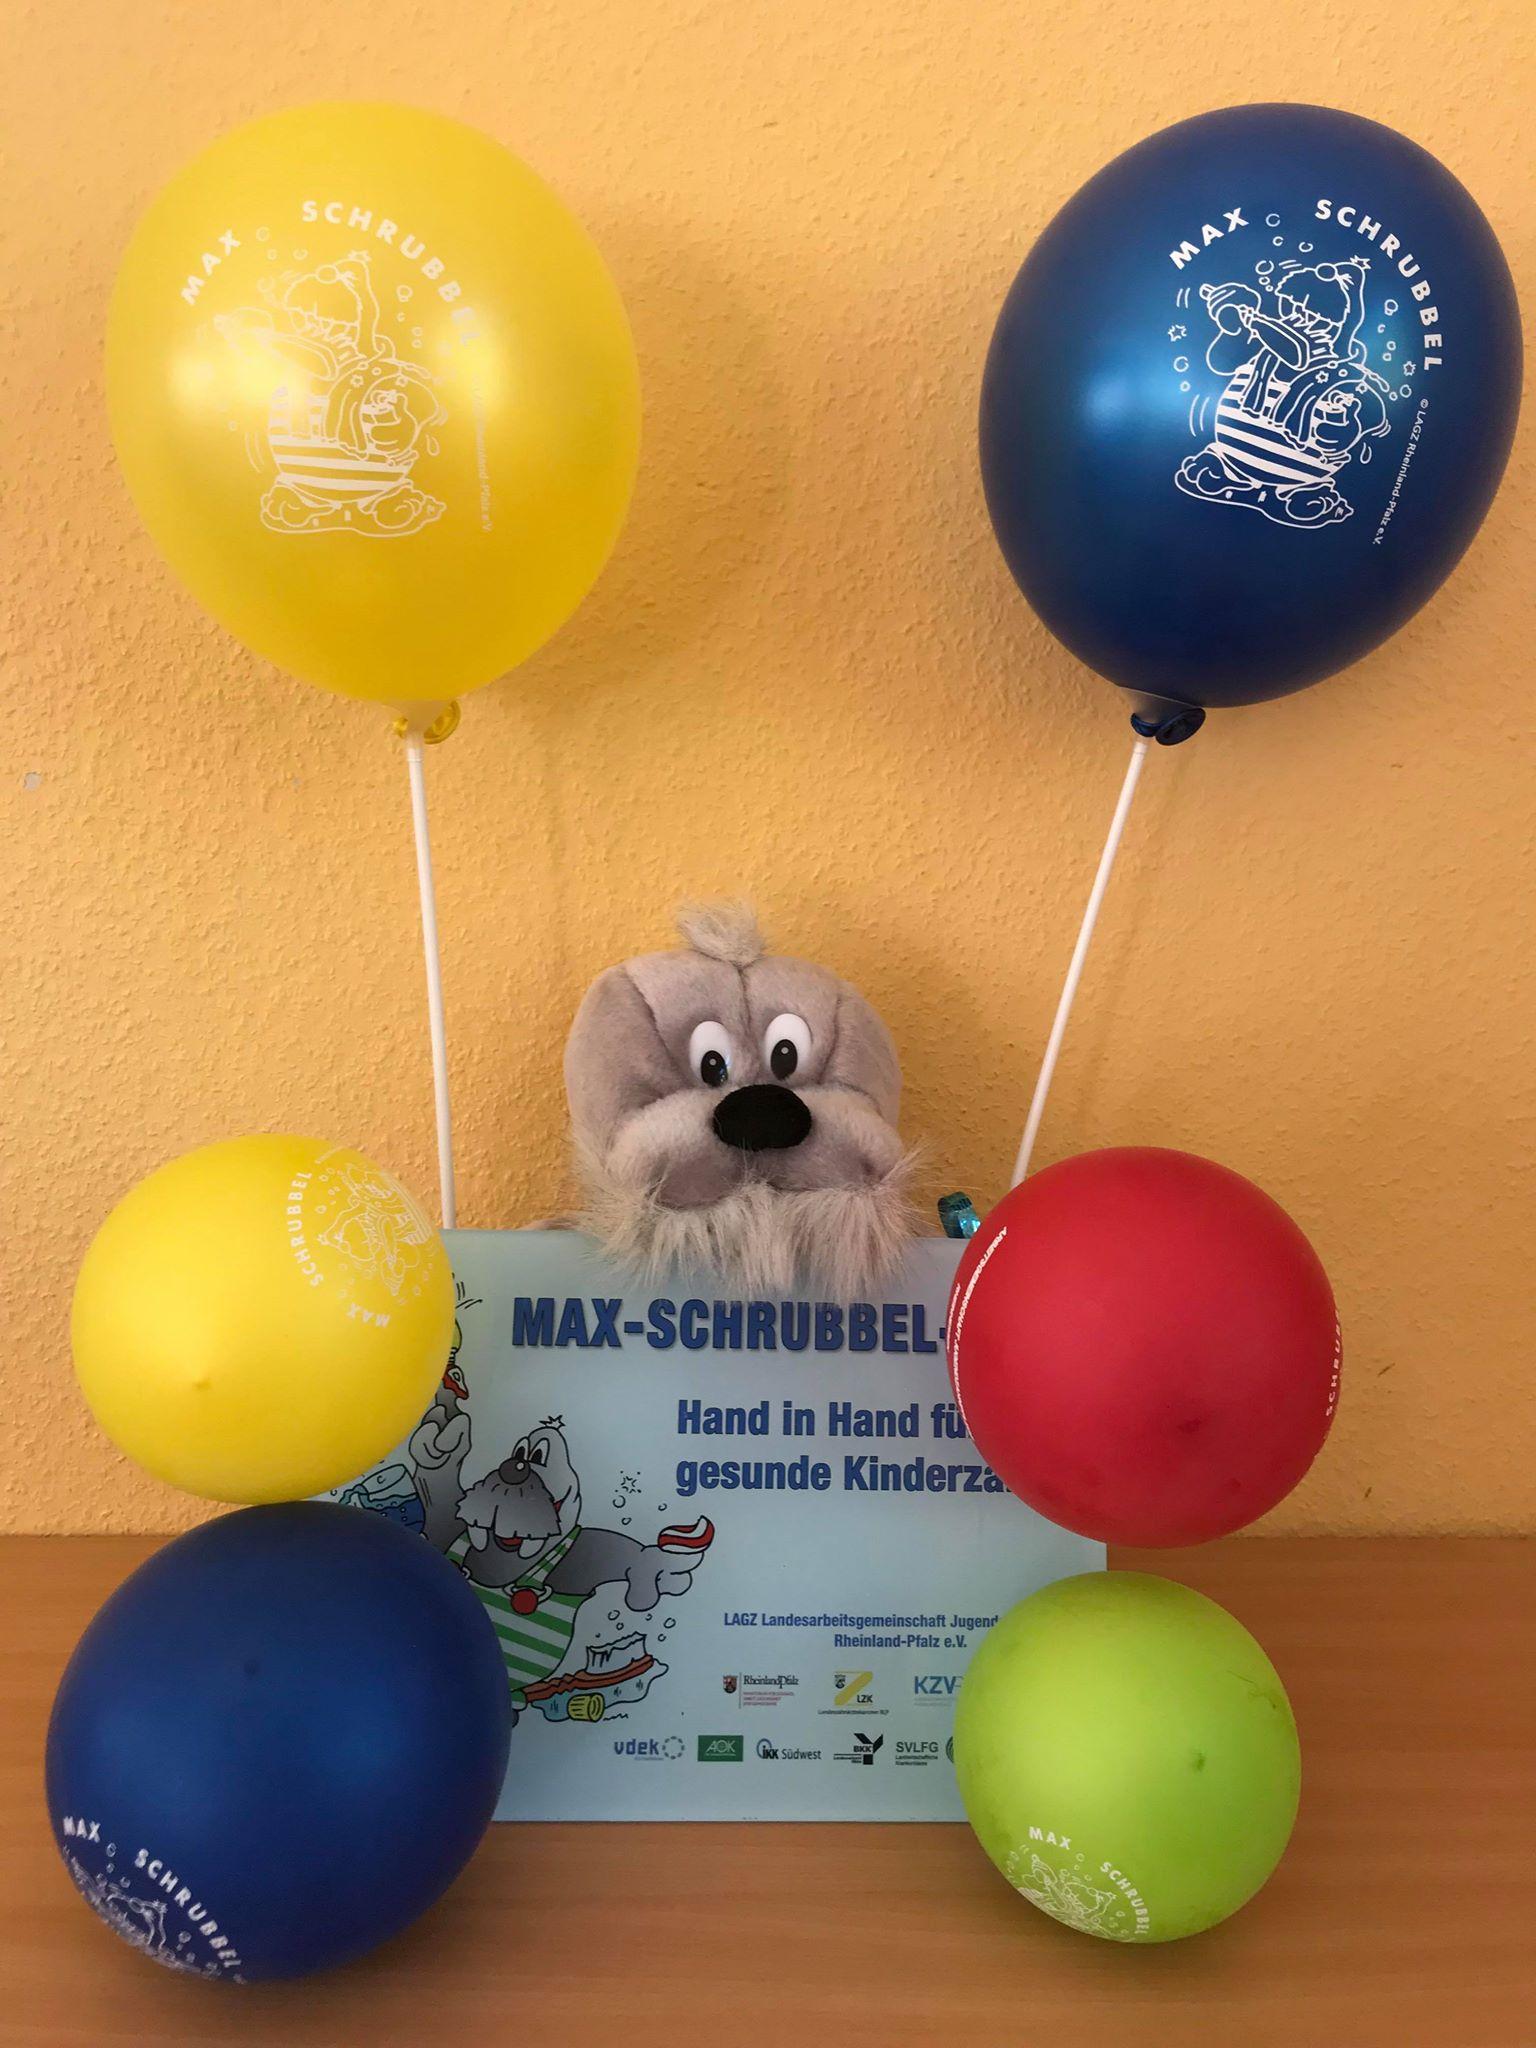 KiTa Schwabsburg ausgezeichnet als Max Schrubbel KiTa